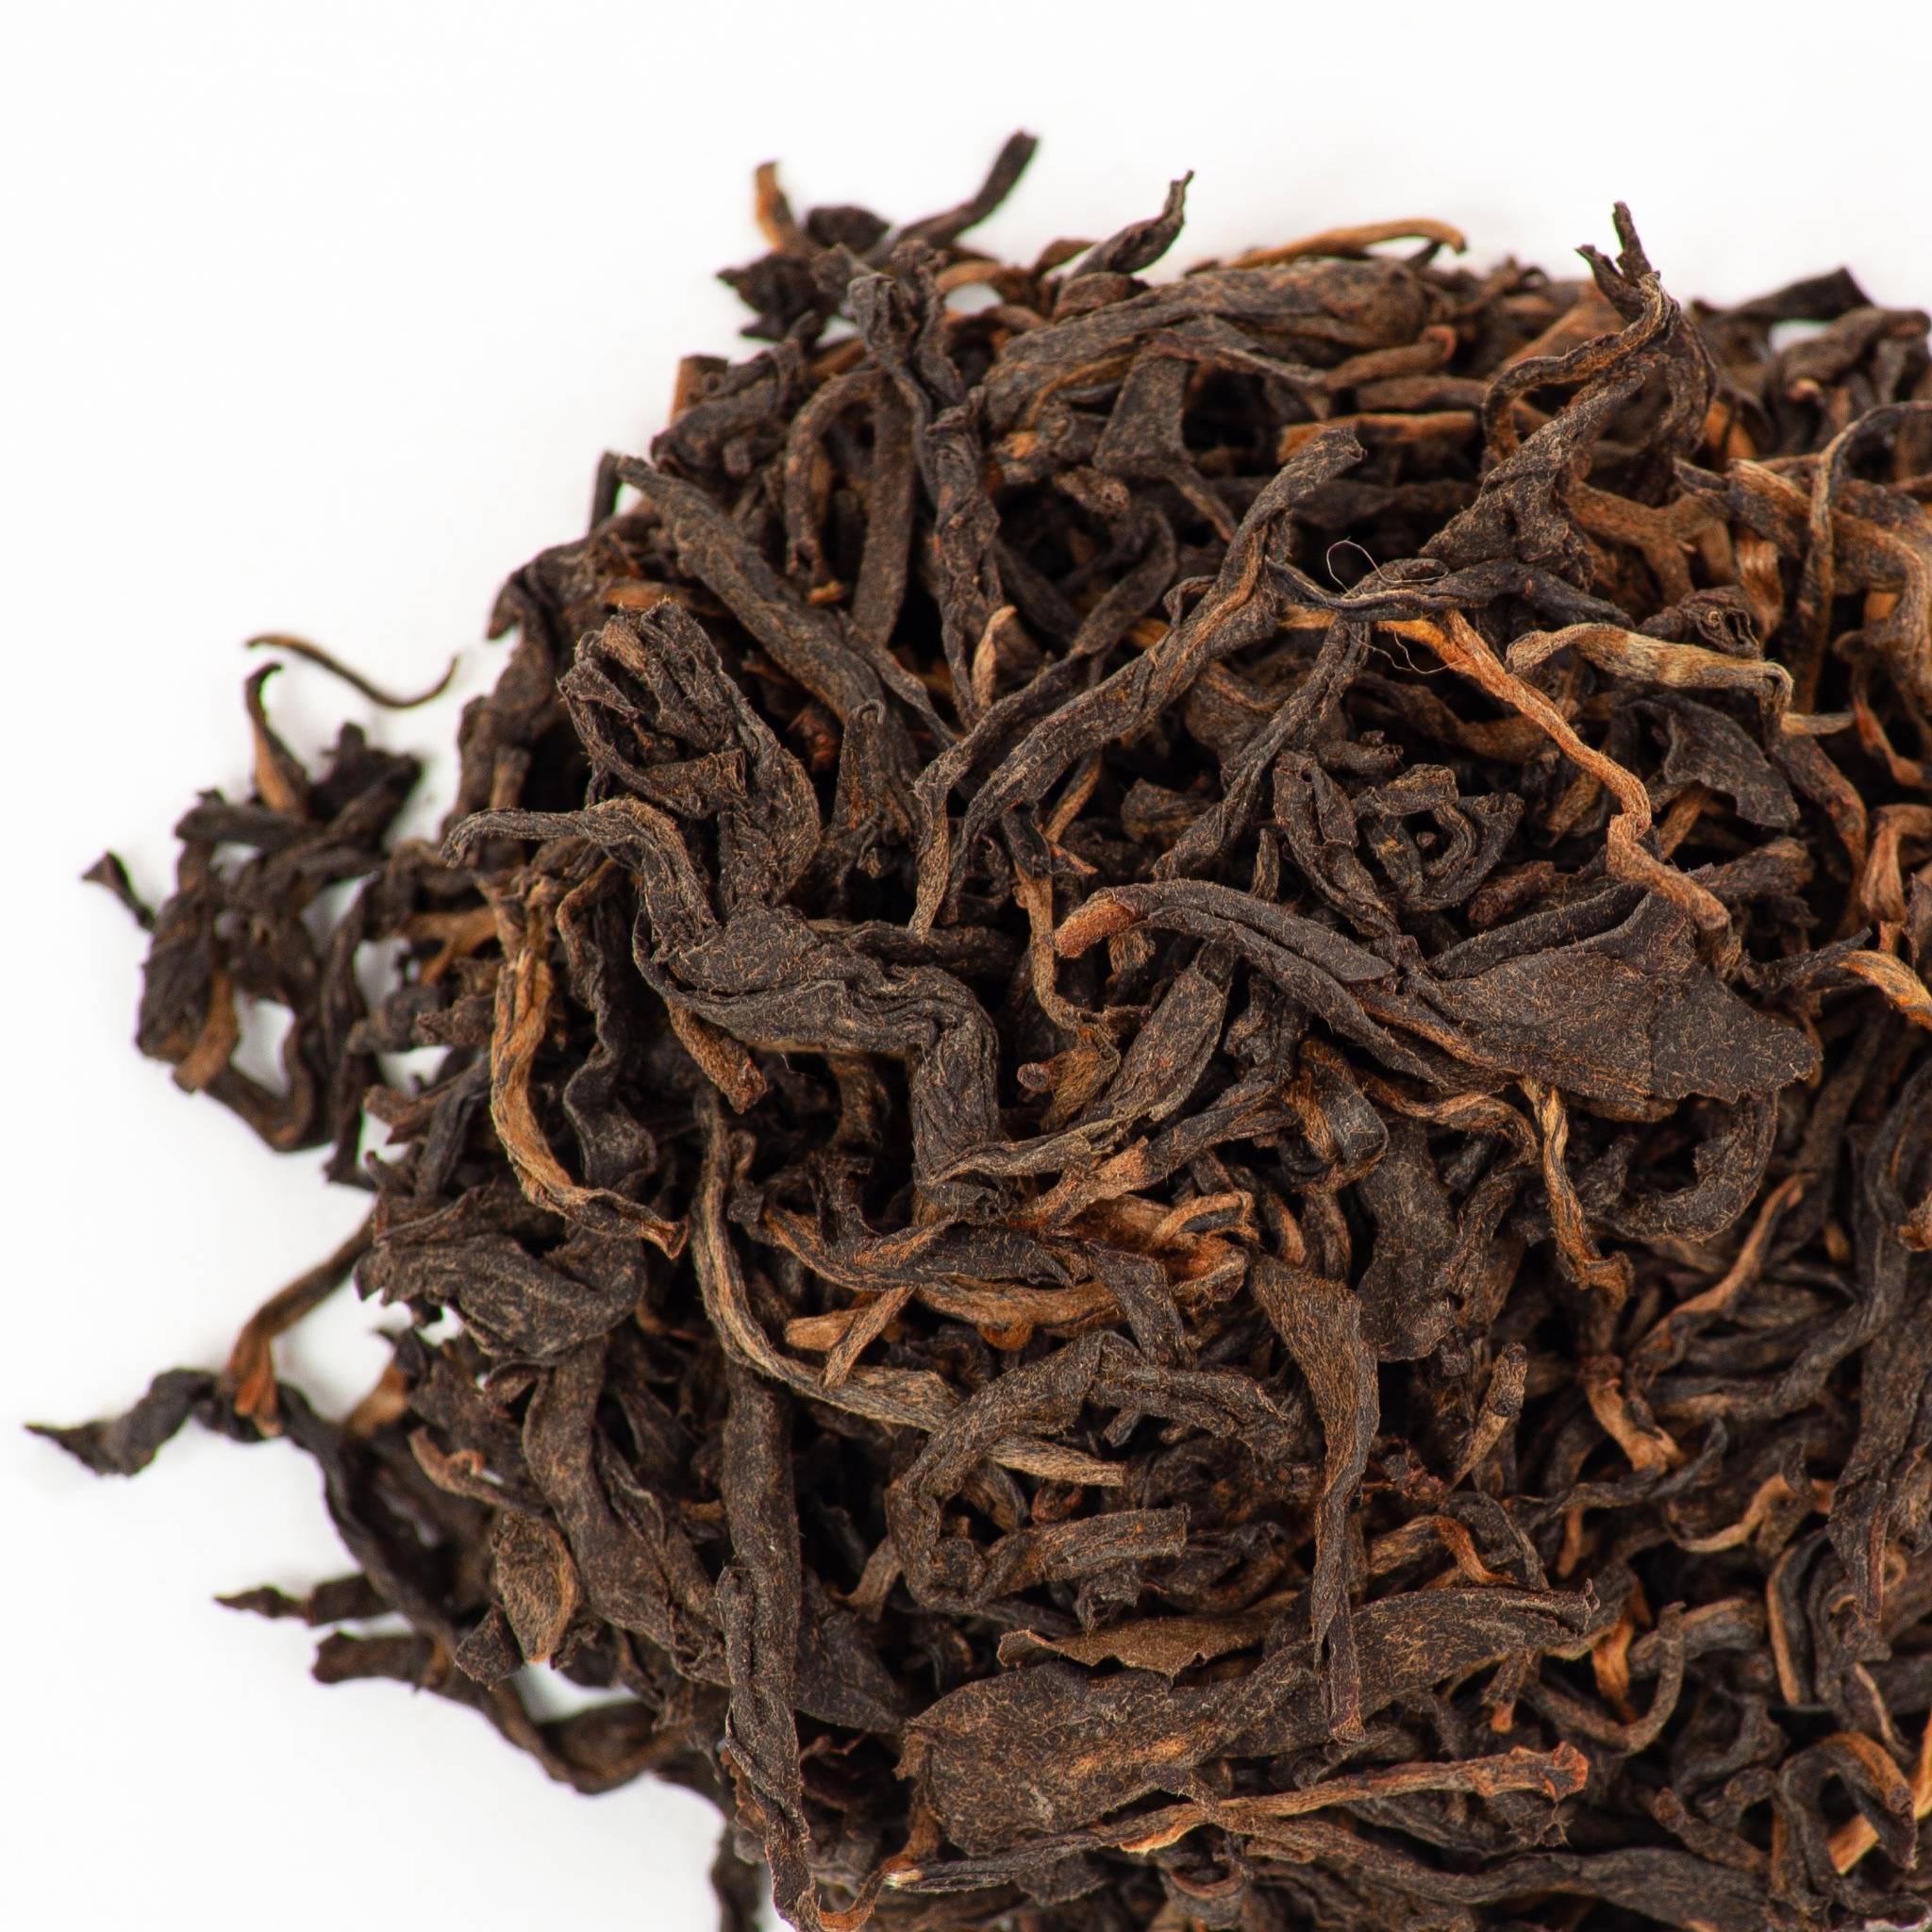 Китайский чай дянь хун: свойства, сорта, как заваривать